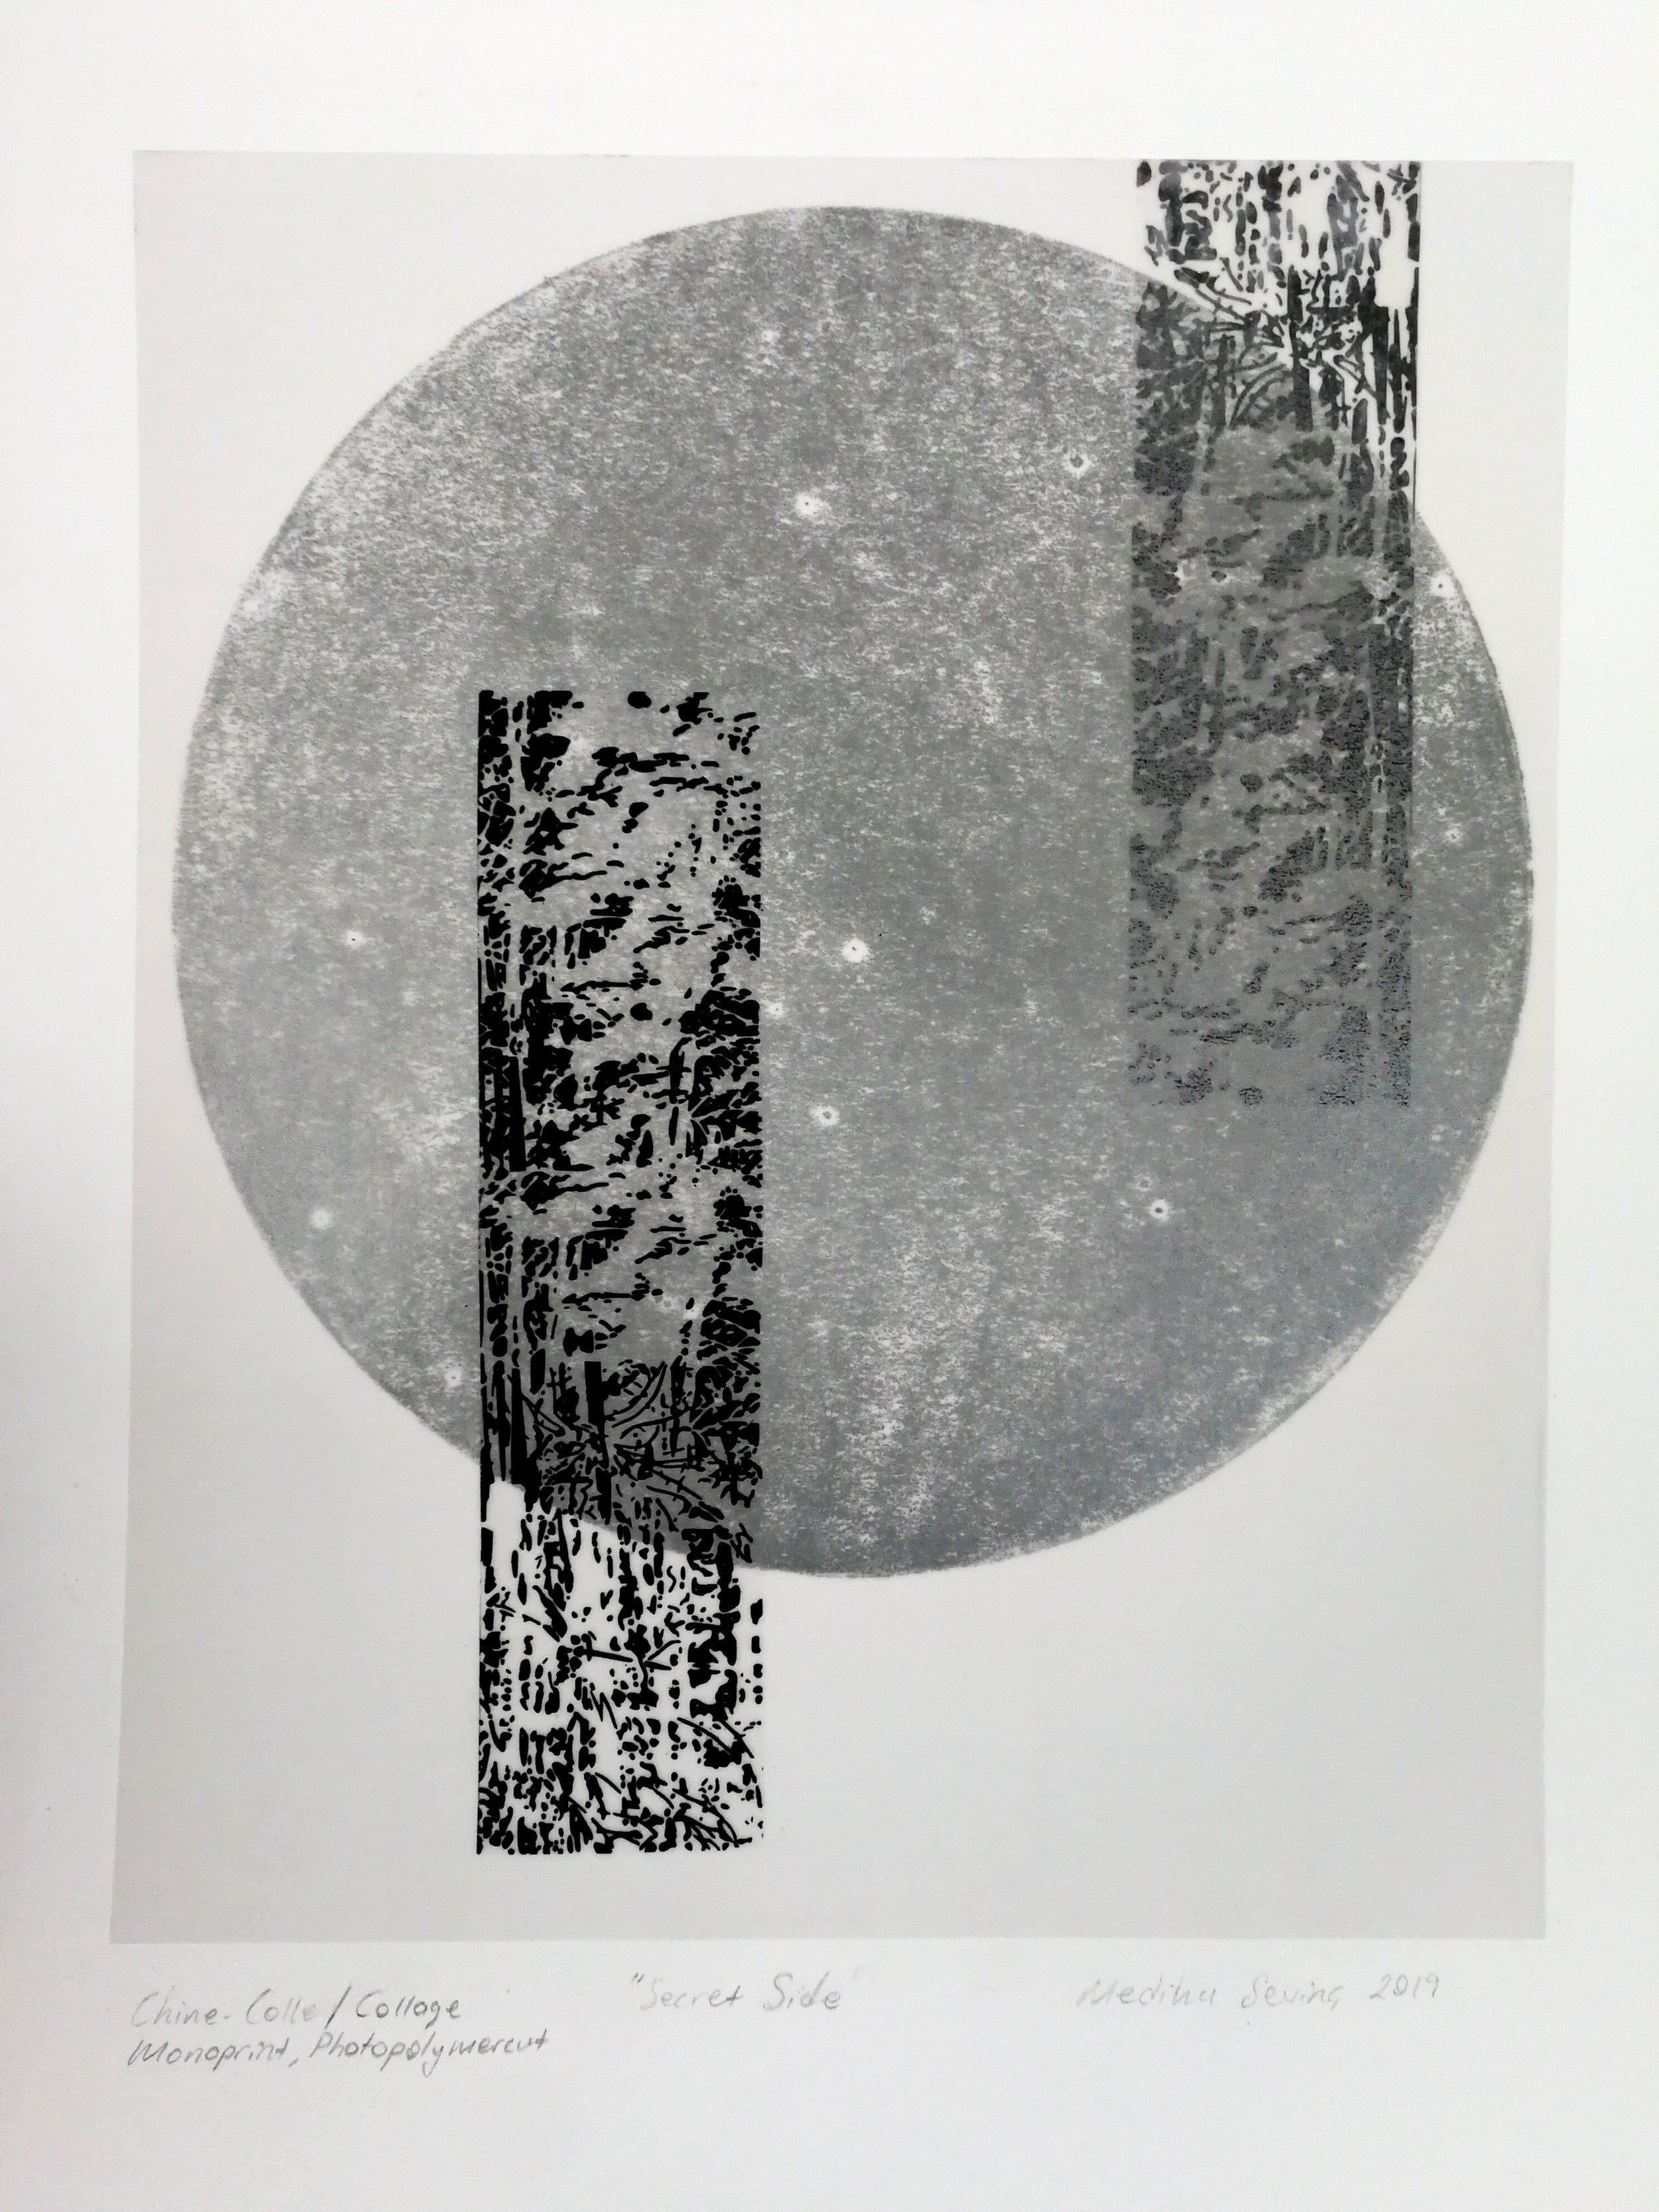 4. Mediha Sevinc, ''Secret Side'' 24x35cm, 2019.jpg